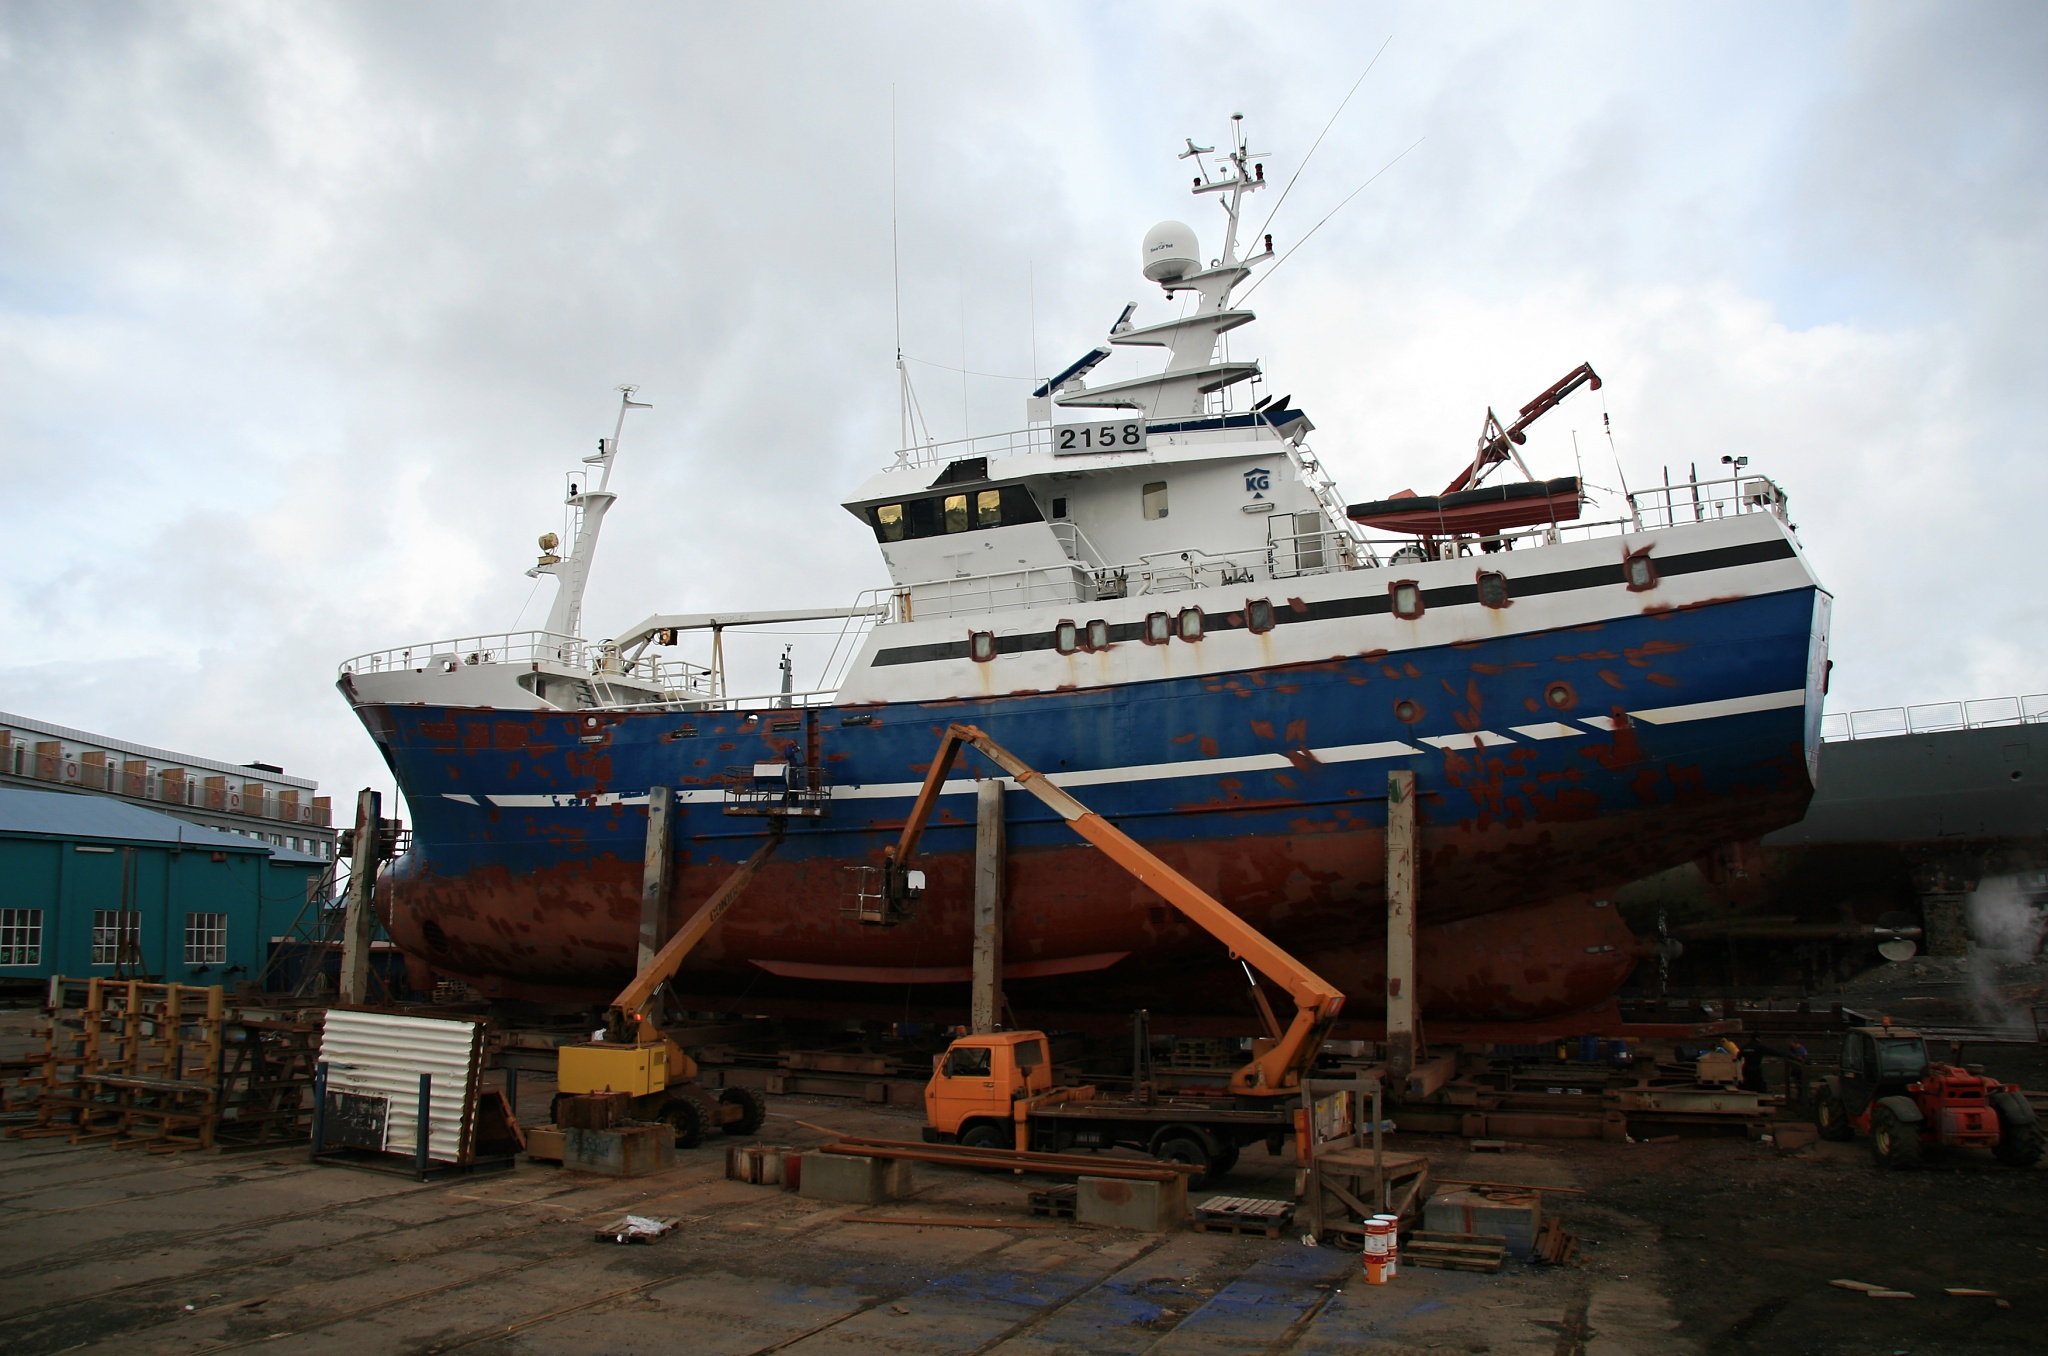 Údržba povrchu lodě